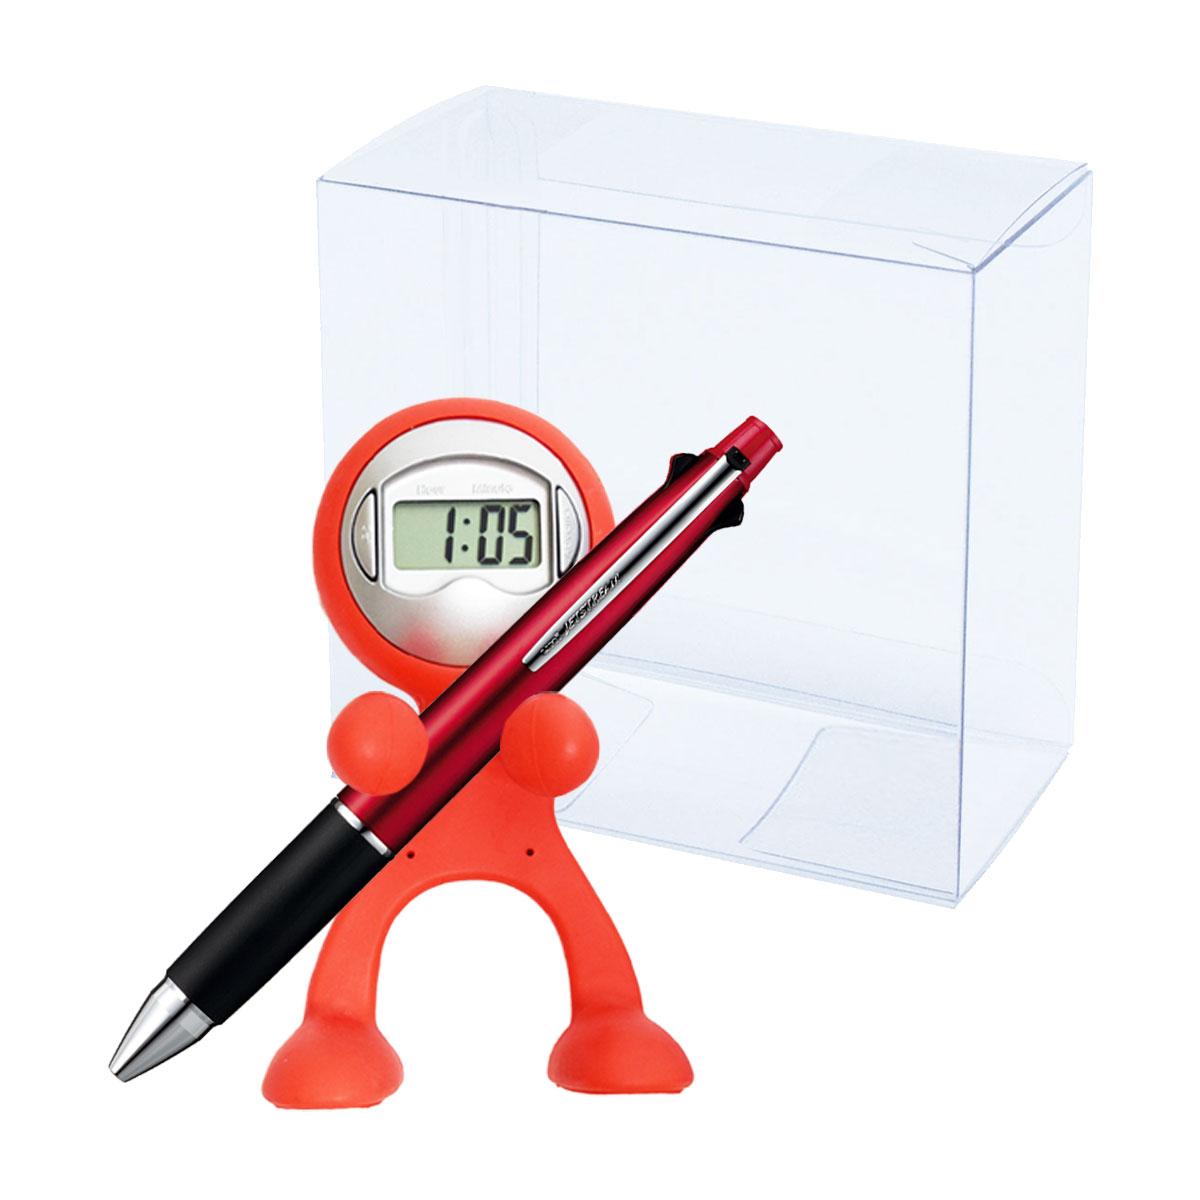 クロックレンジャー 三菱鉛筆 ジェットストリーム 5機能ペンセット